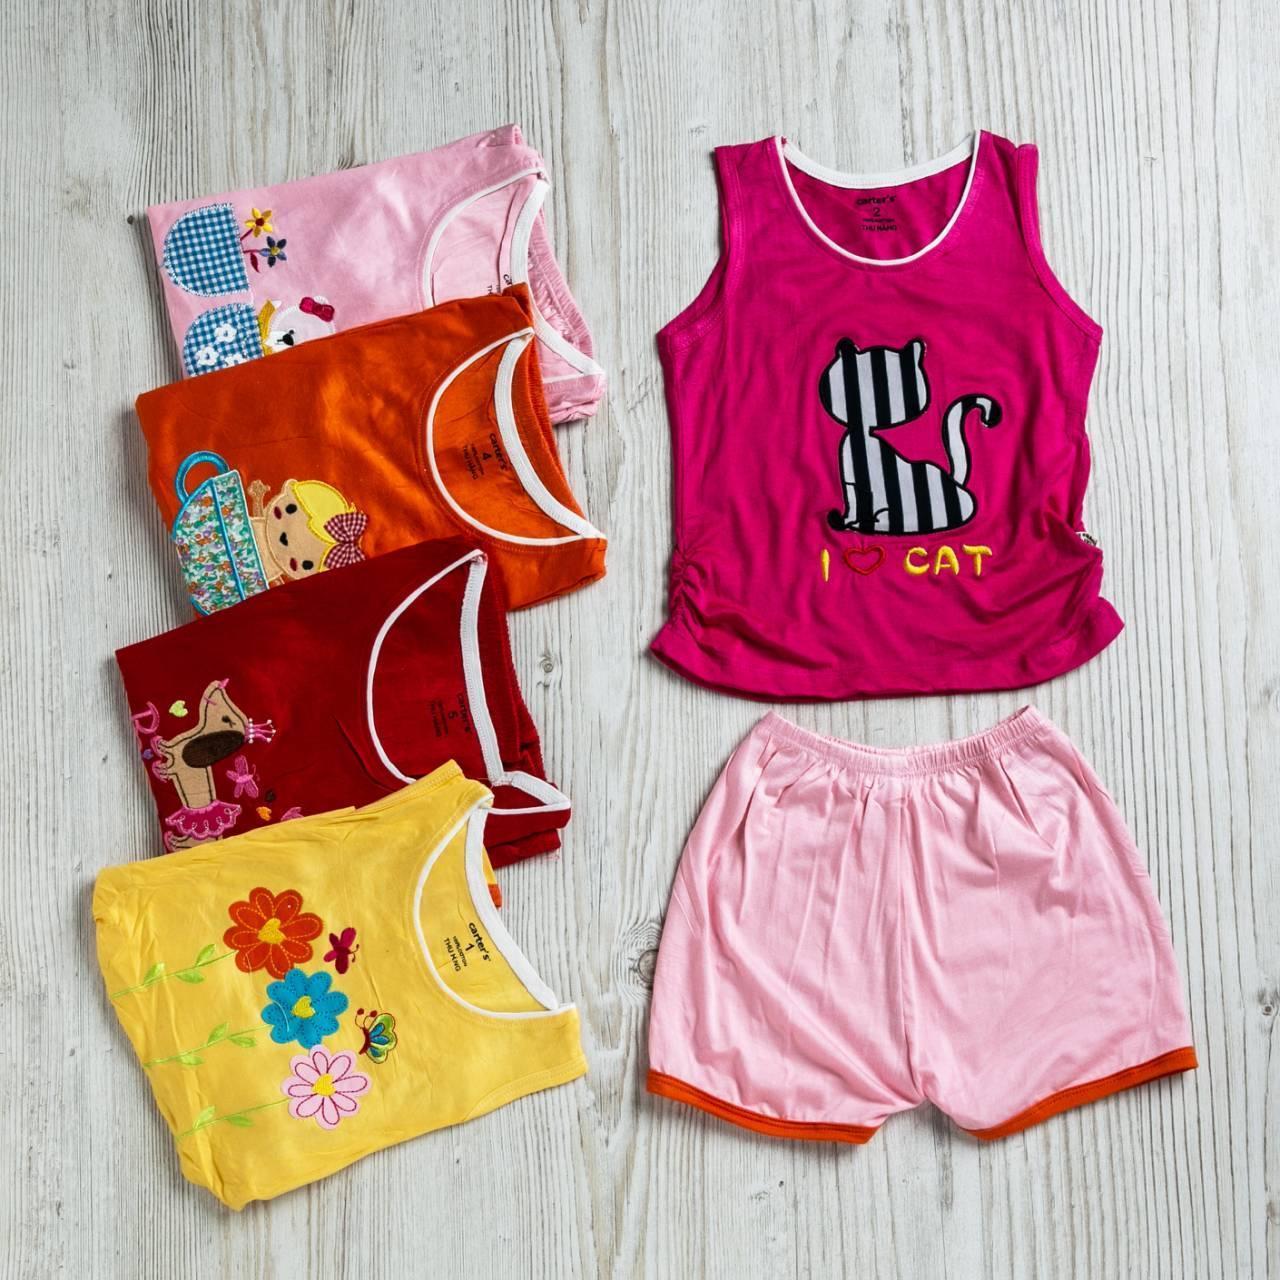 Детский костюм  от 1 годика  до 5 лет